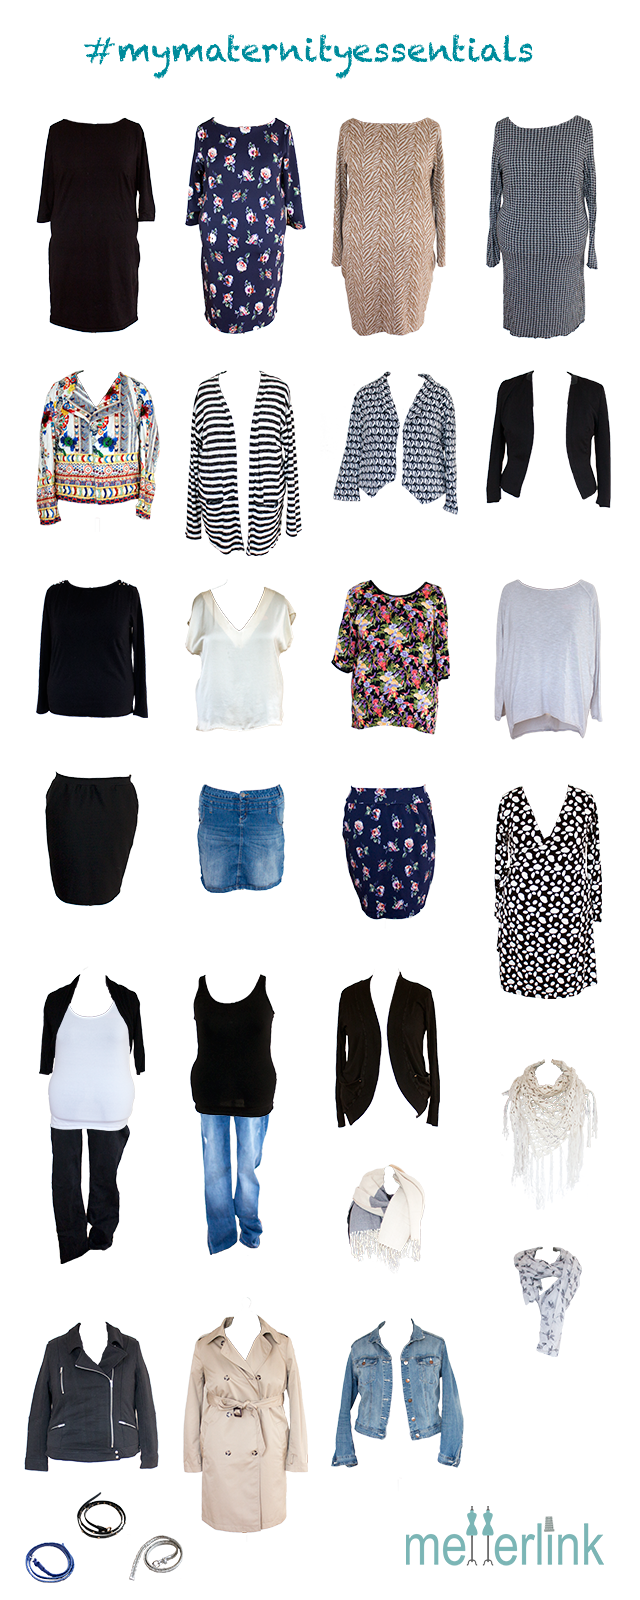 Übersicht, mymaternityessentials, Schwangerschaft, selber nähen, Kleiderschrank, metterlink, fallessentials, Capsule wardrobe